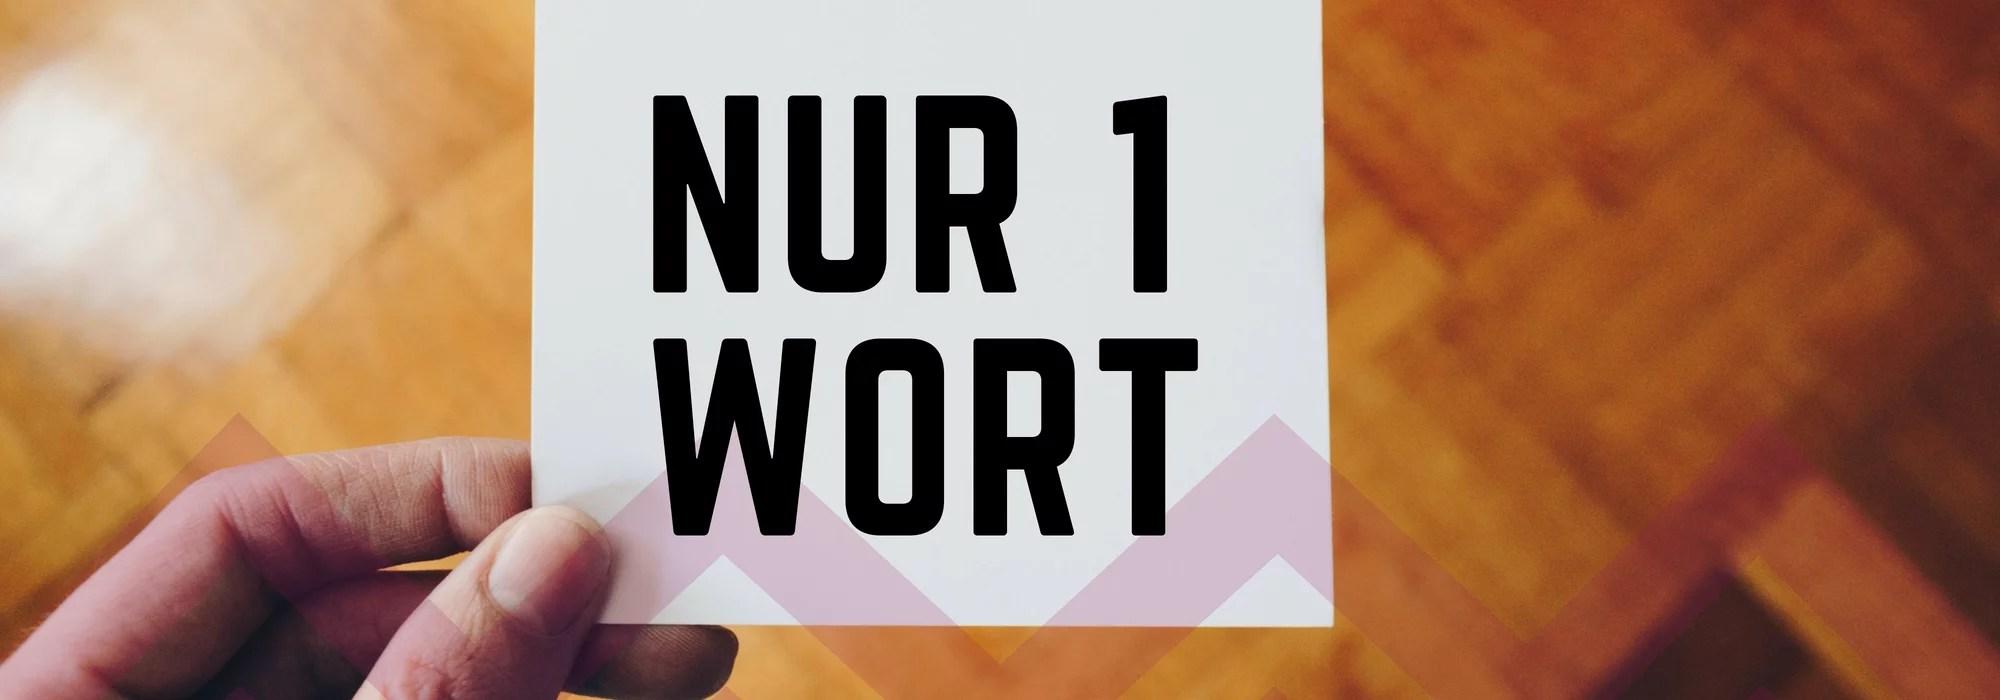 2018 08 27 - Nur ein Wort!